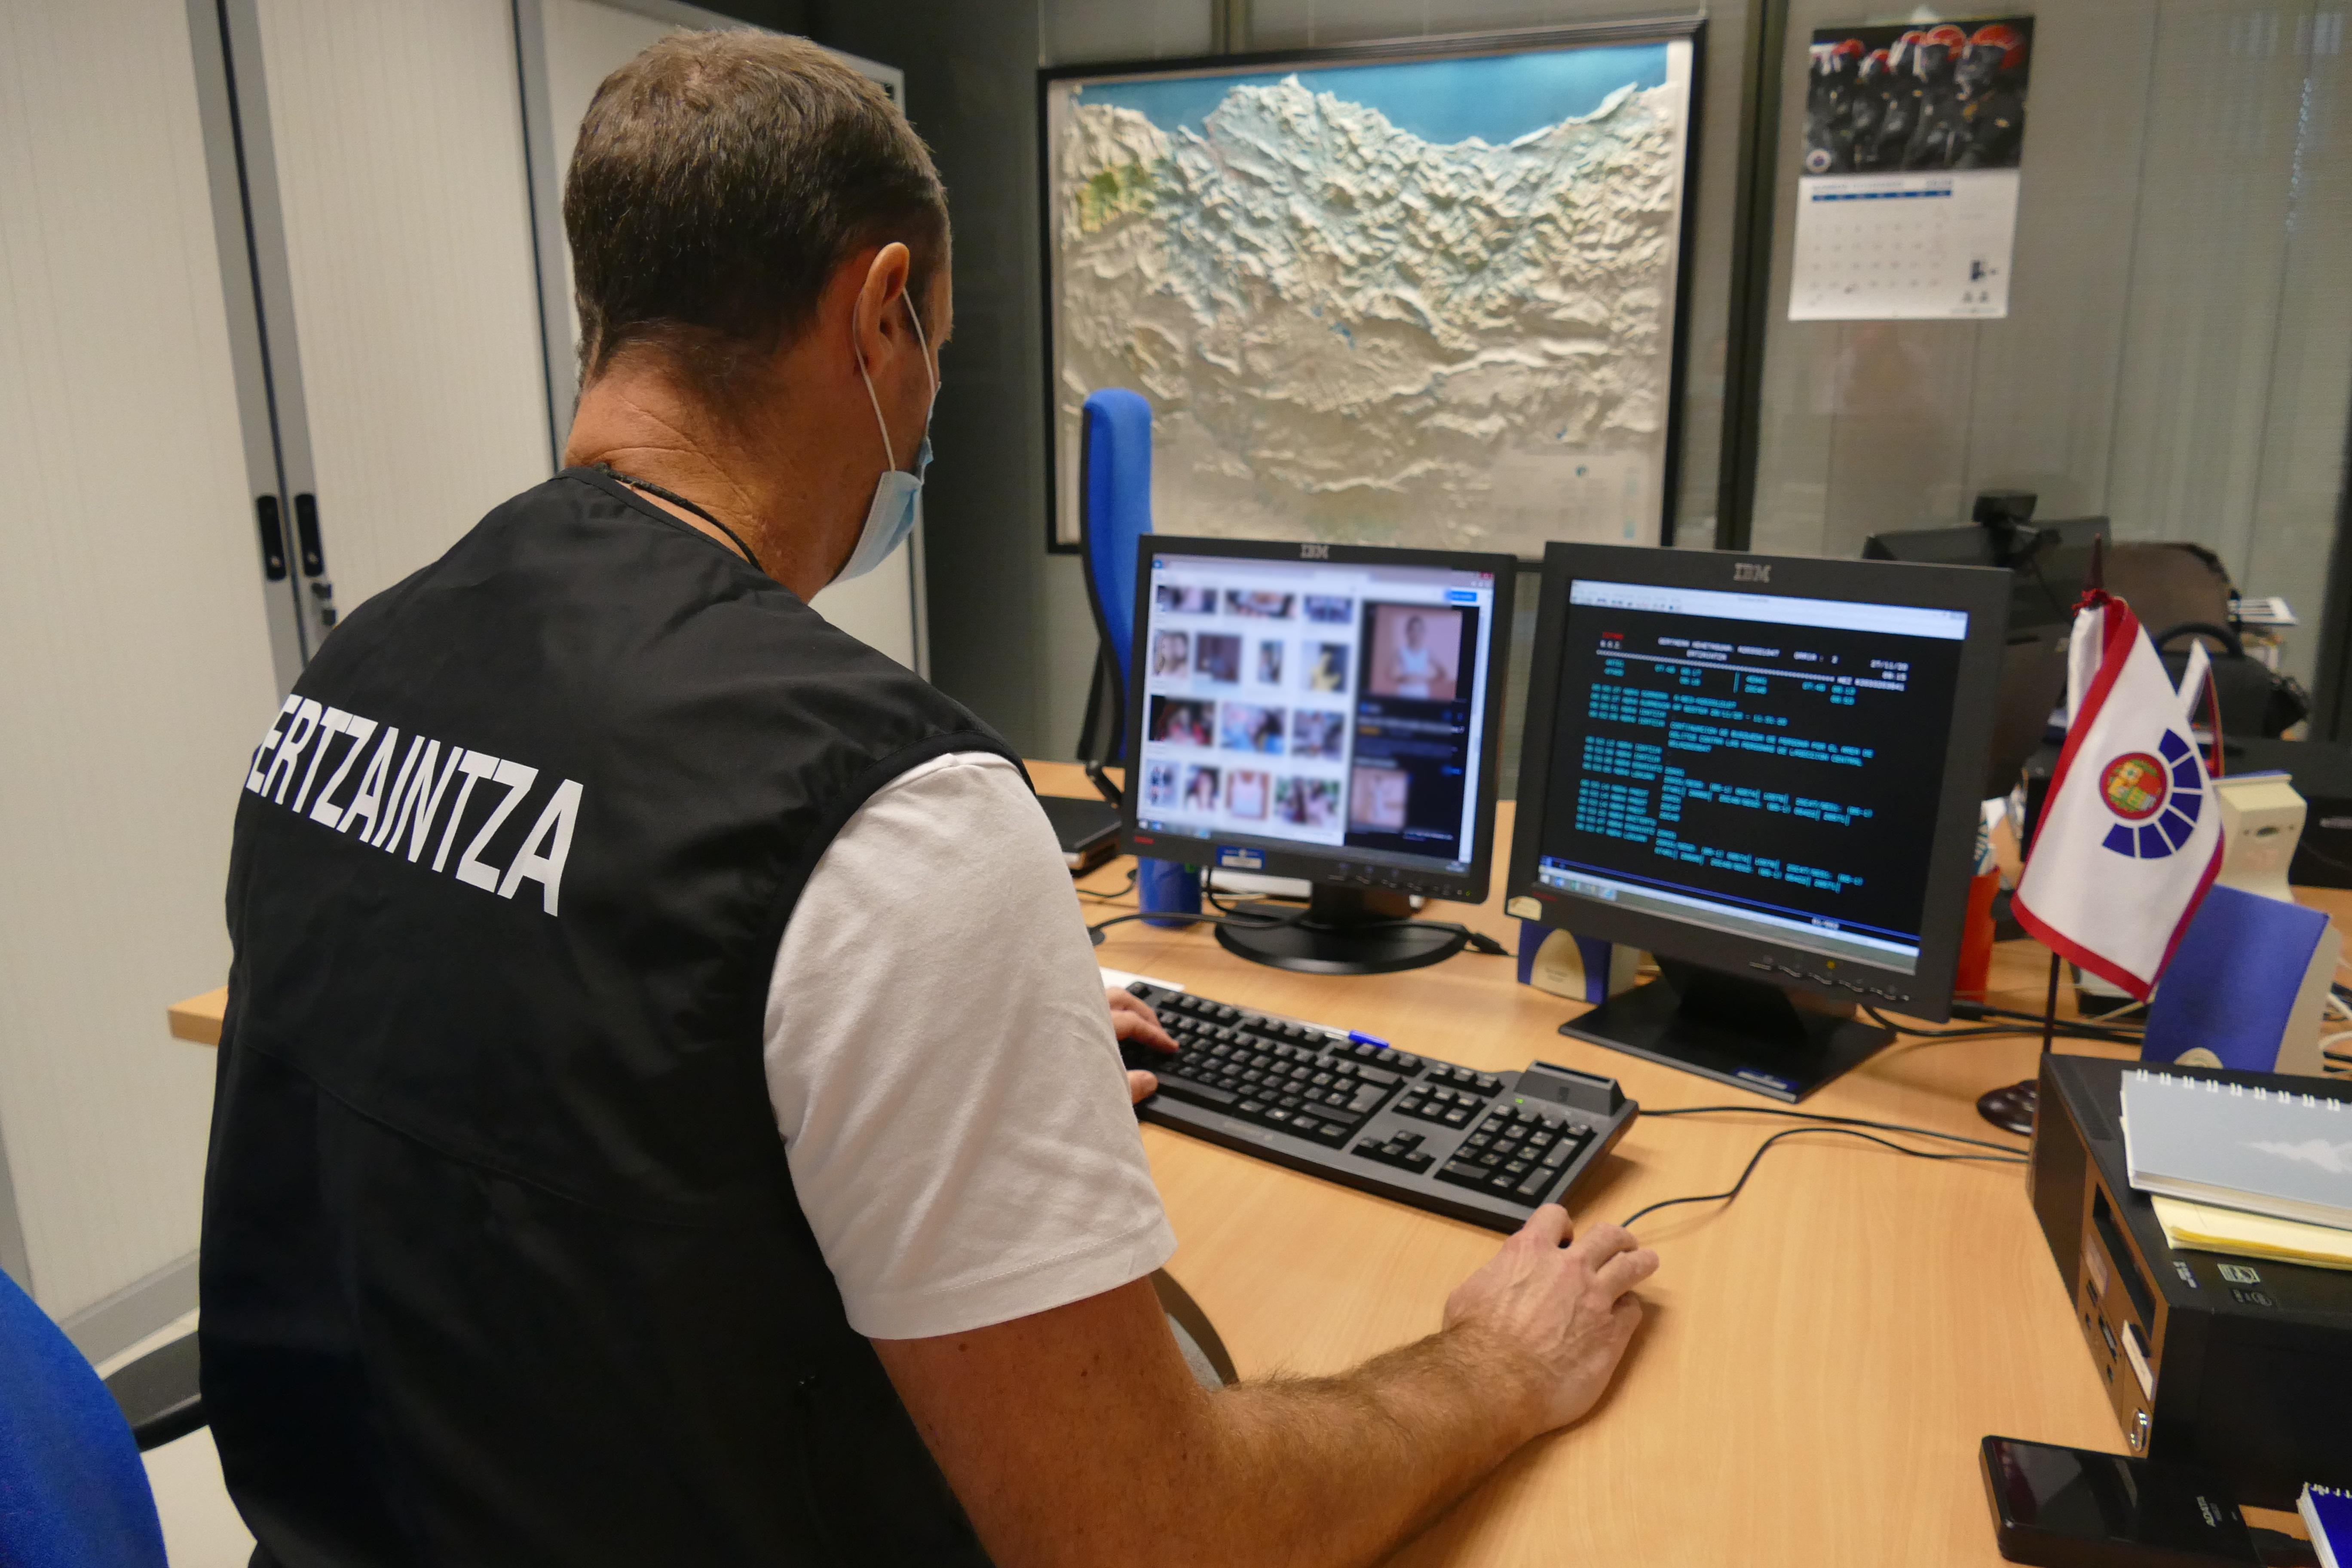 La investigación 'Erasoak' de la Ertzaintza permite identificar en España a tres personas que captaban a mujeres menores de edad para realizar pornografía online  [0:00]